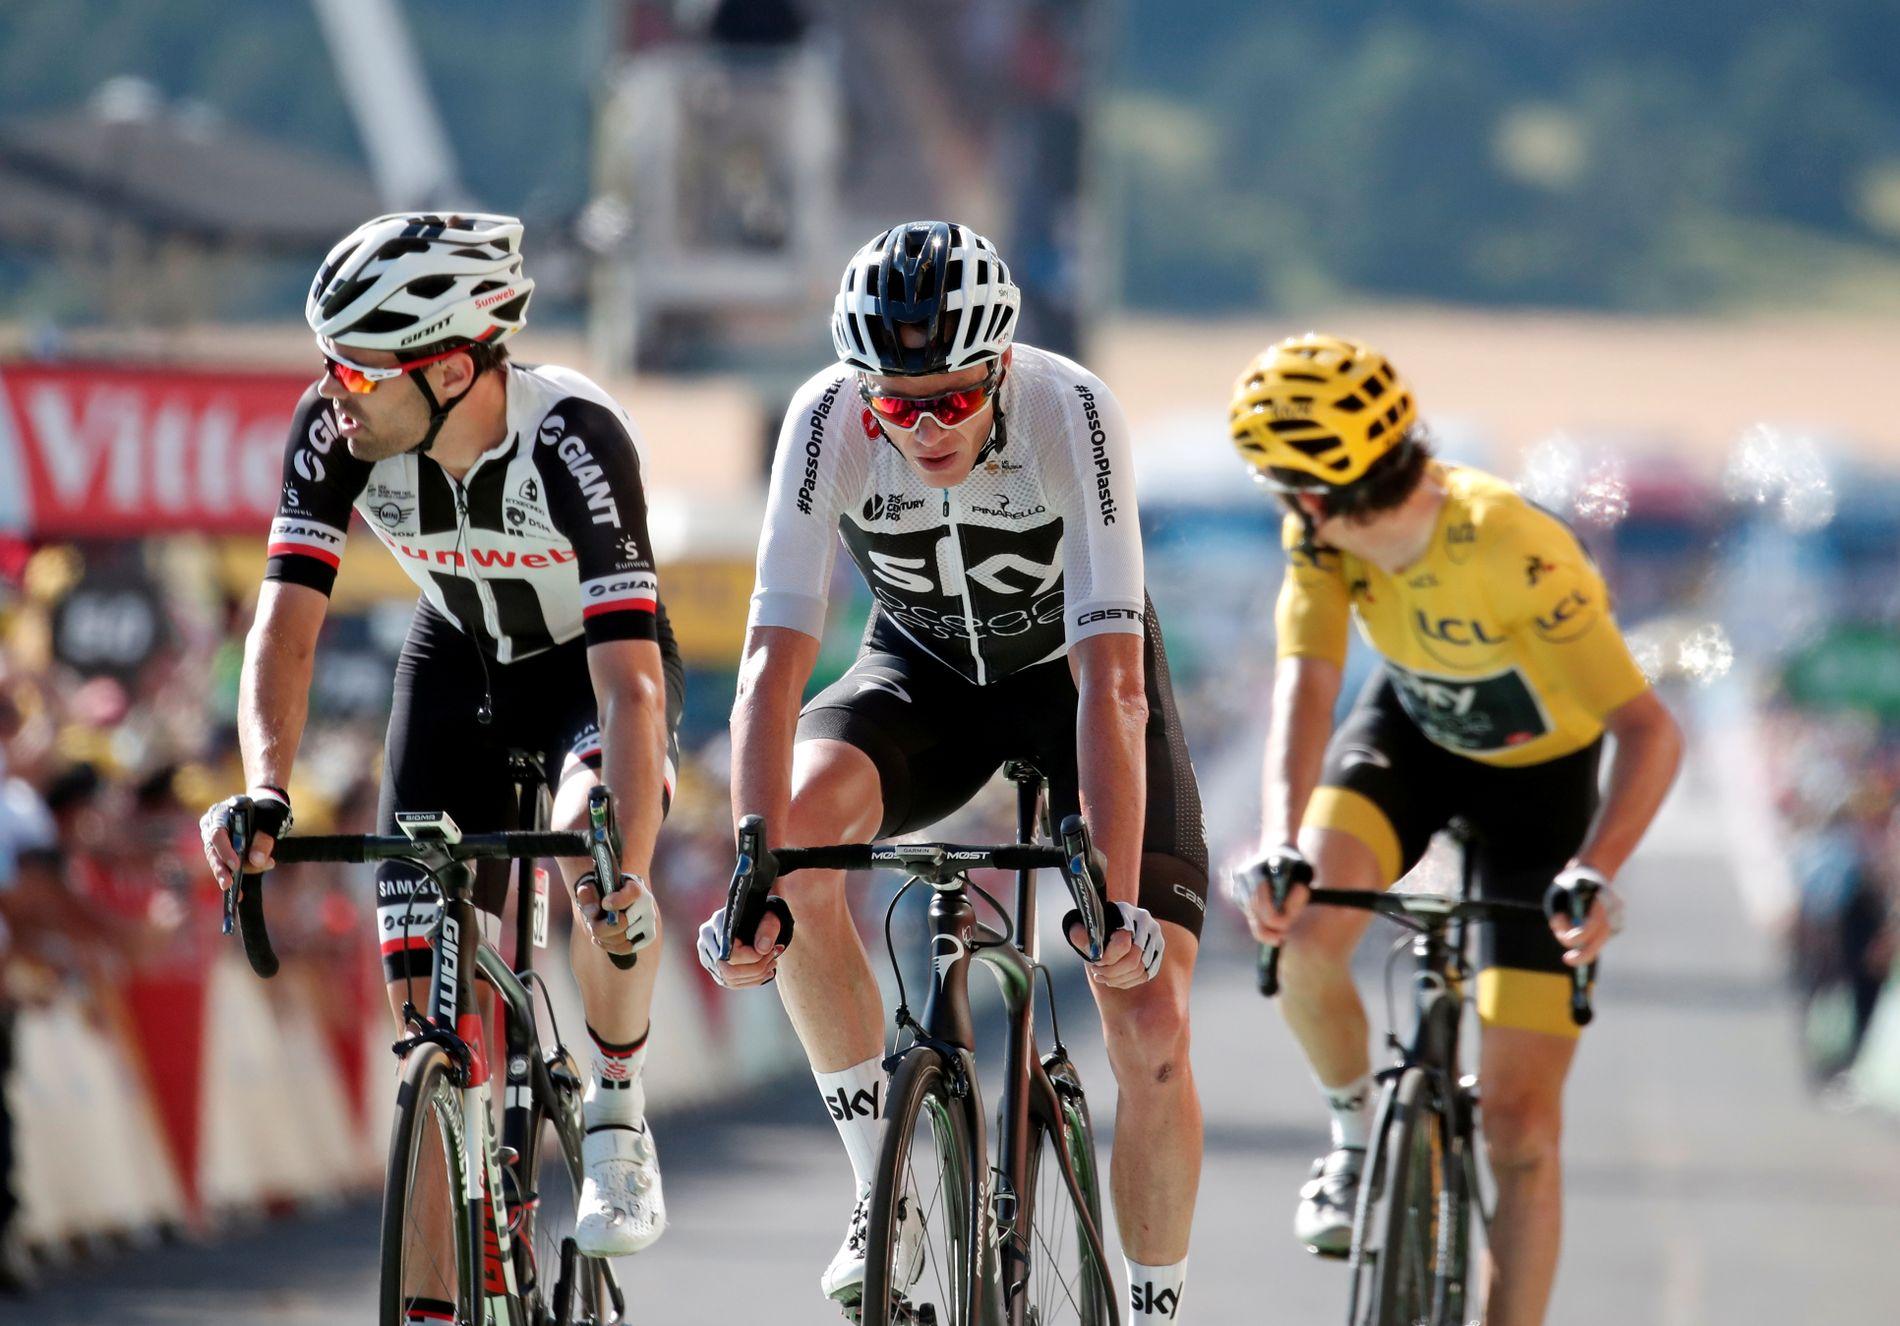 I MÅL: Her tråkket Tom Dumoulin, Chris Froome og Geraint Thomas samlet i mål.